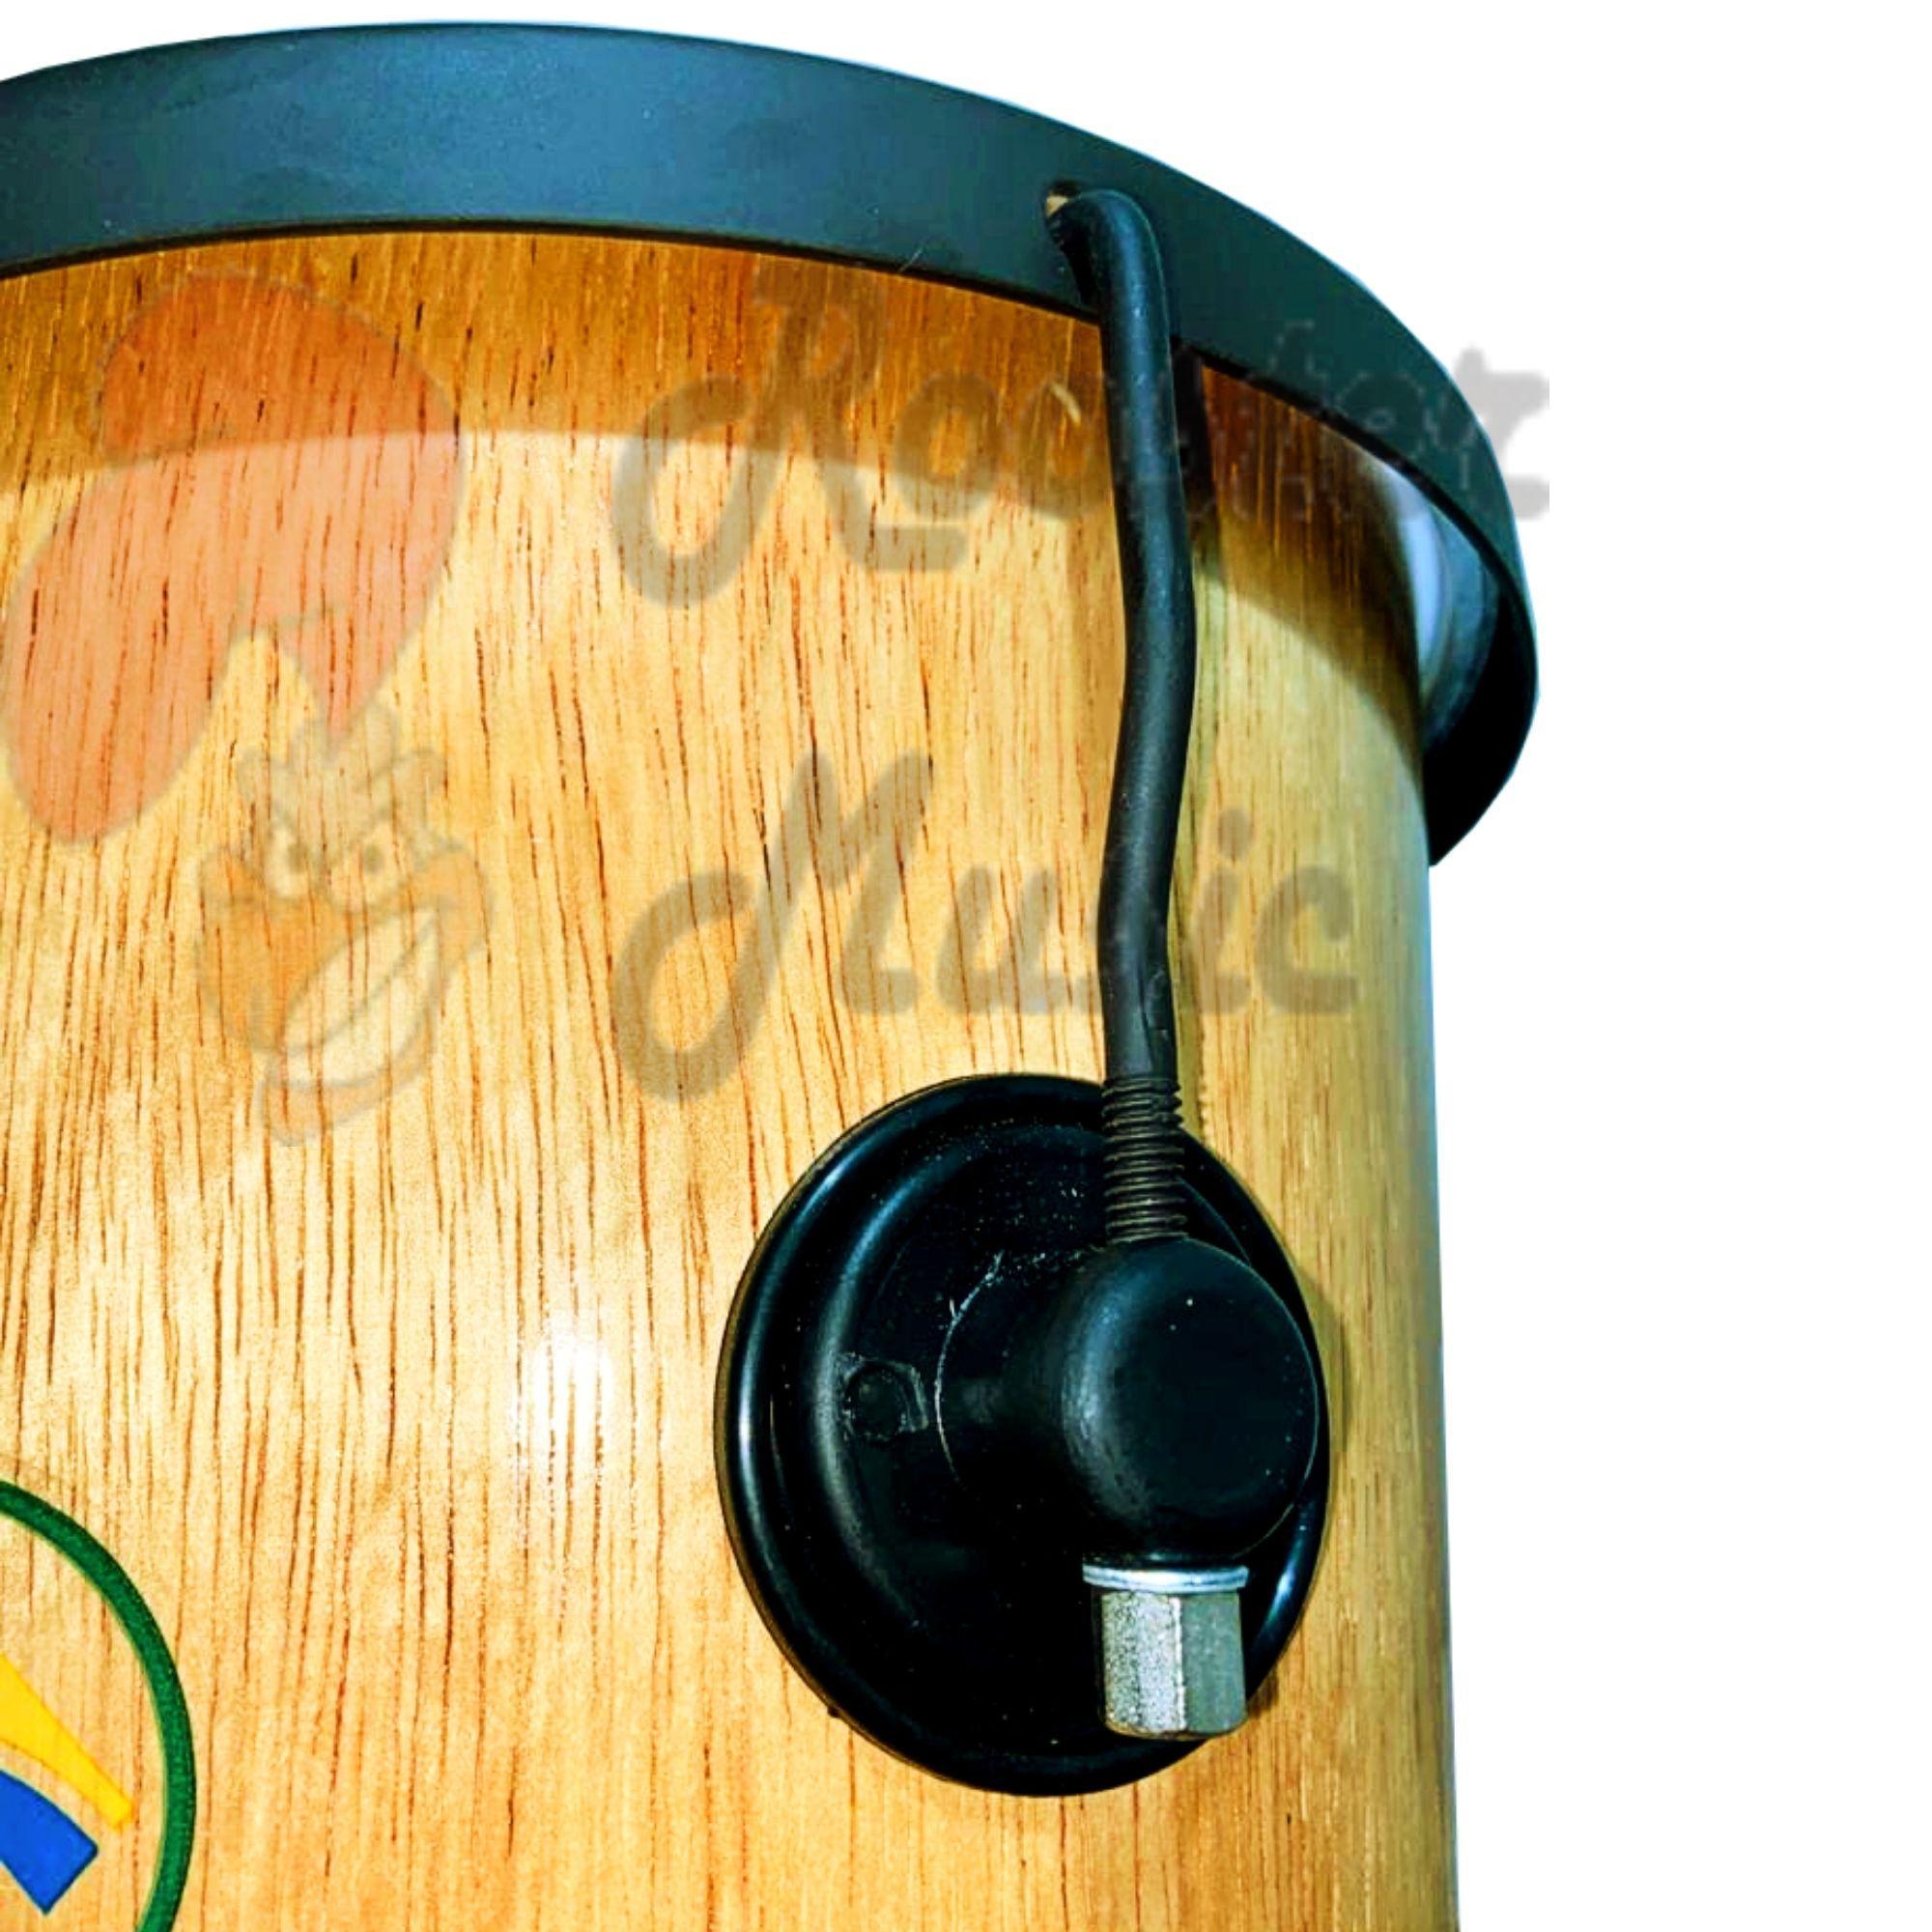 Timba 30 cm x 10 polegadas, 4 Afinações, Ferragem Pop Preto, Corpo de madeira e Pele Leitosa Luen.